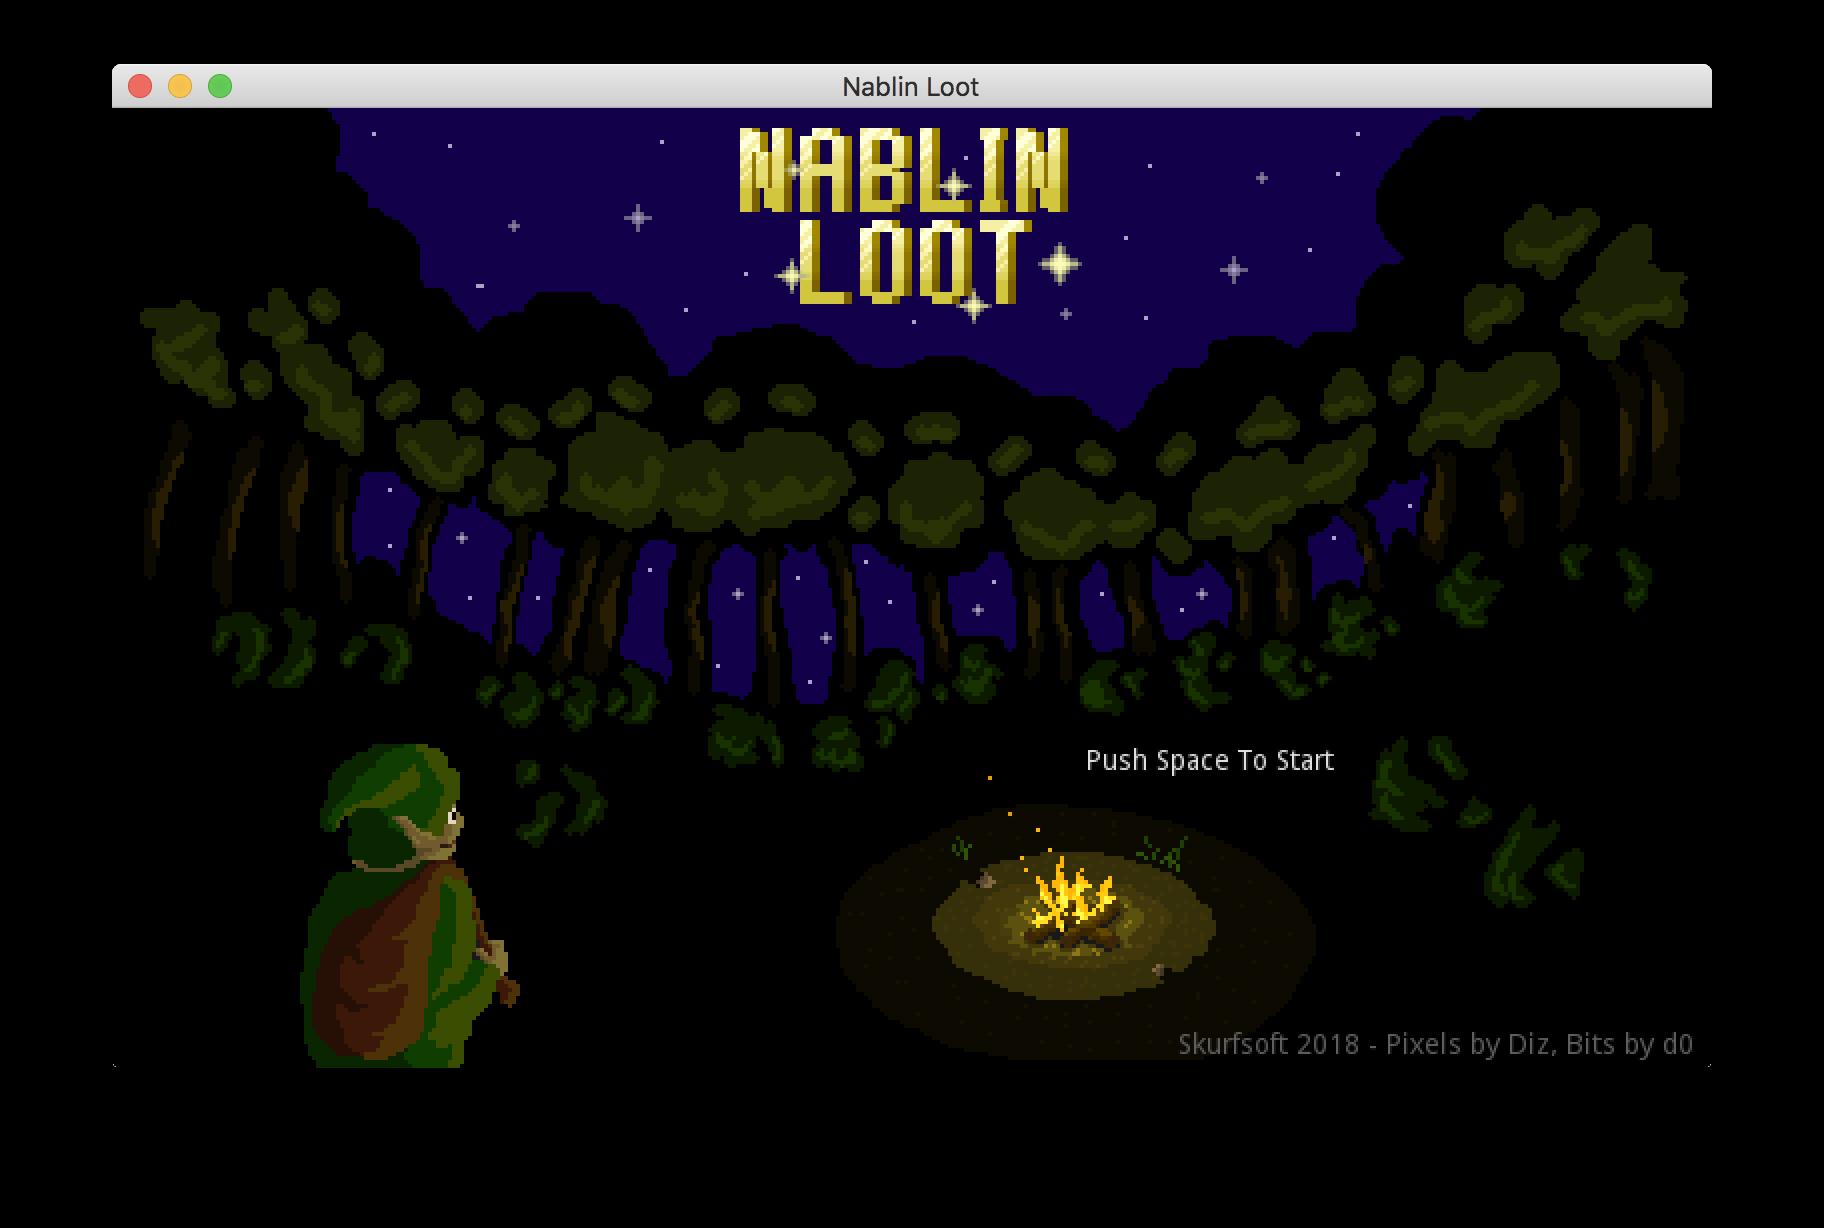 Nablin Loot